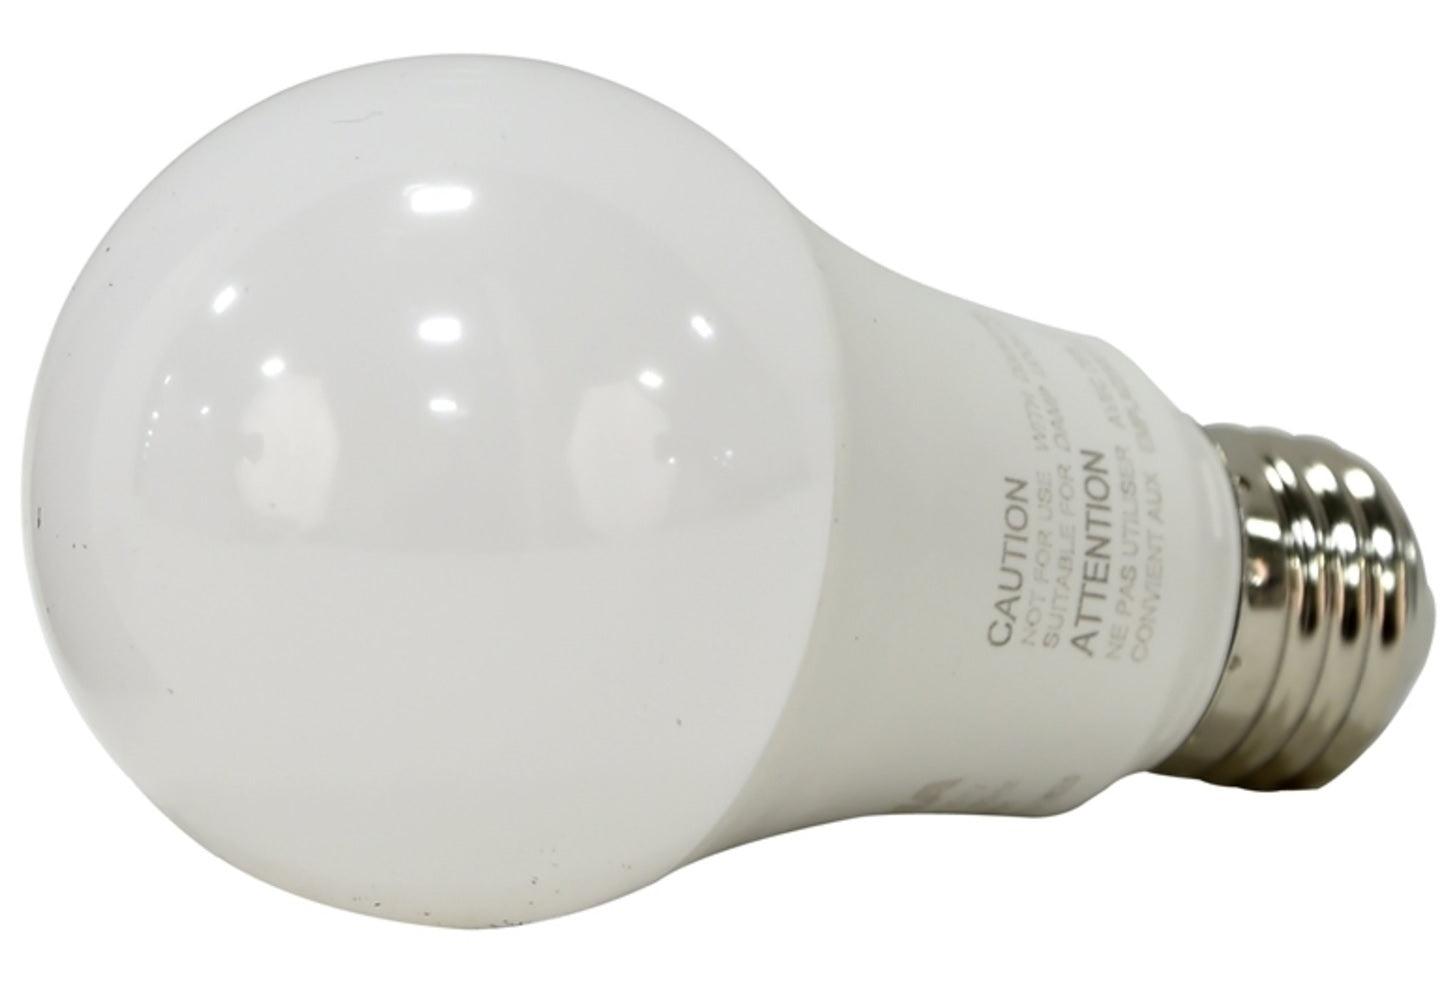 Sylvania 40205 A19 Led Light Bulbs, 14 Watts